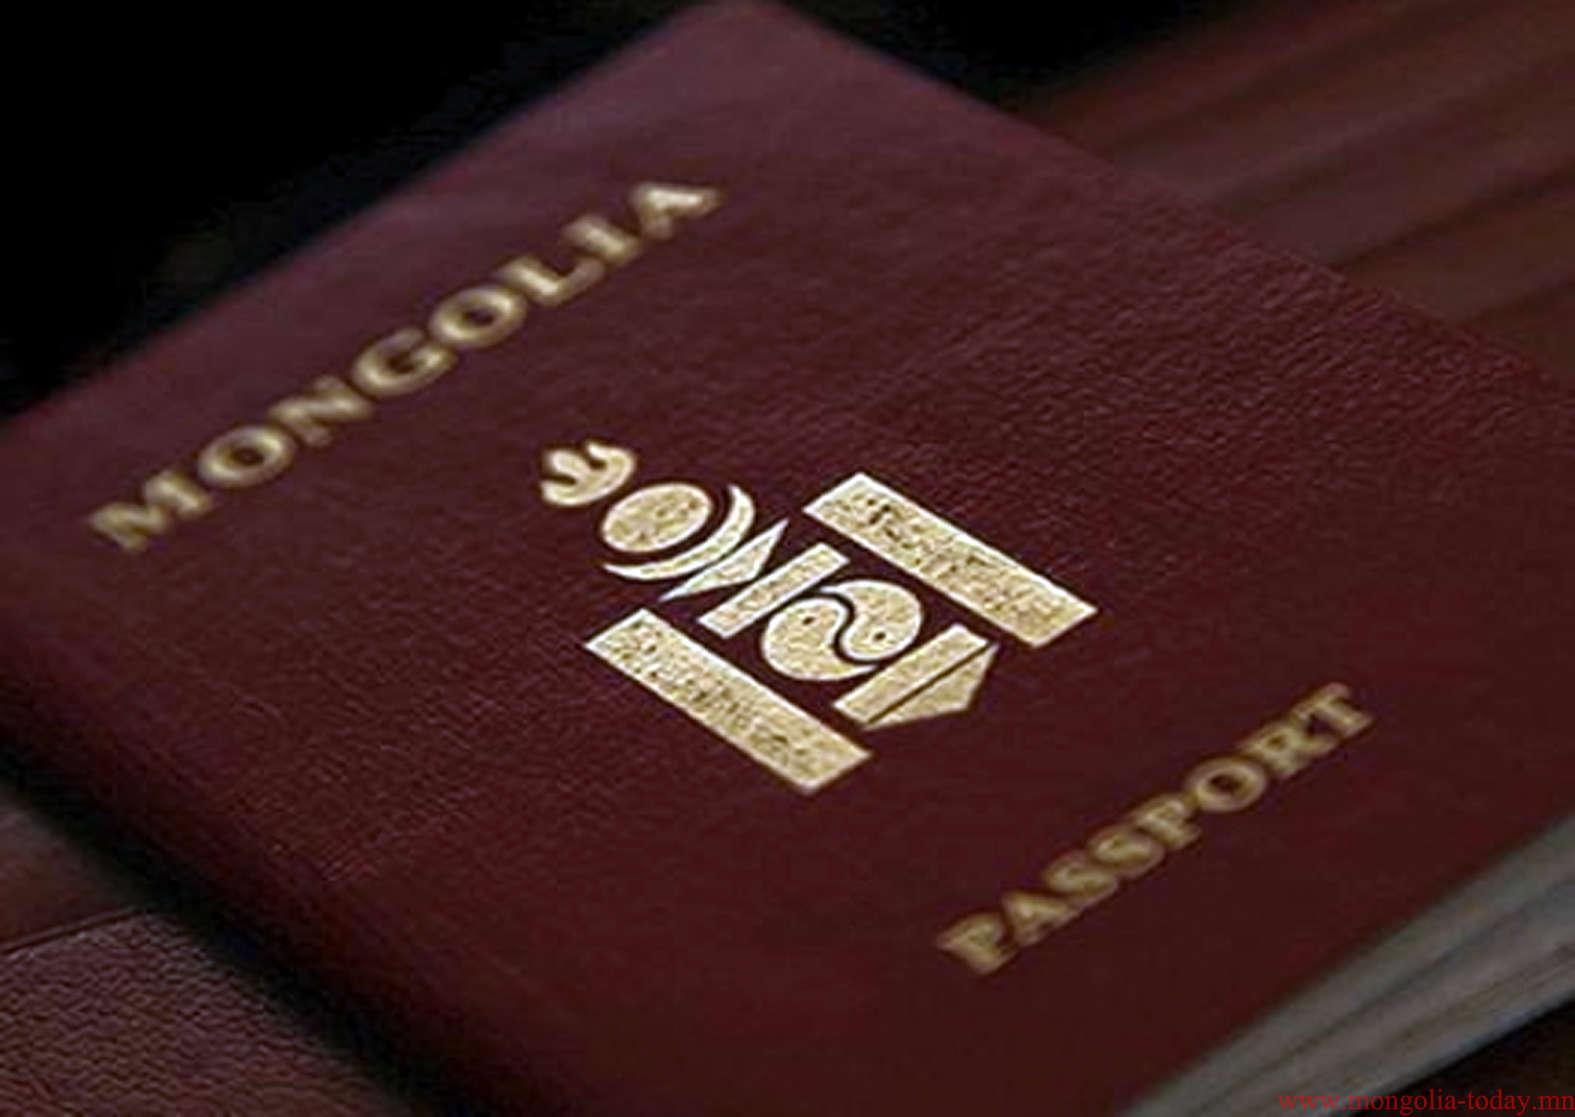 Энэ пүрэв гарагаас эхлэн гадаад паспортыг 10 жилийн хугацаагаар олгоно